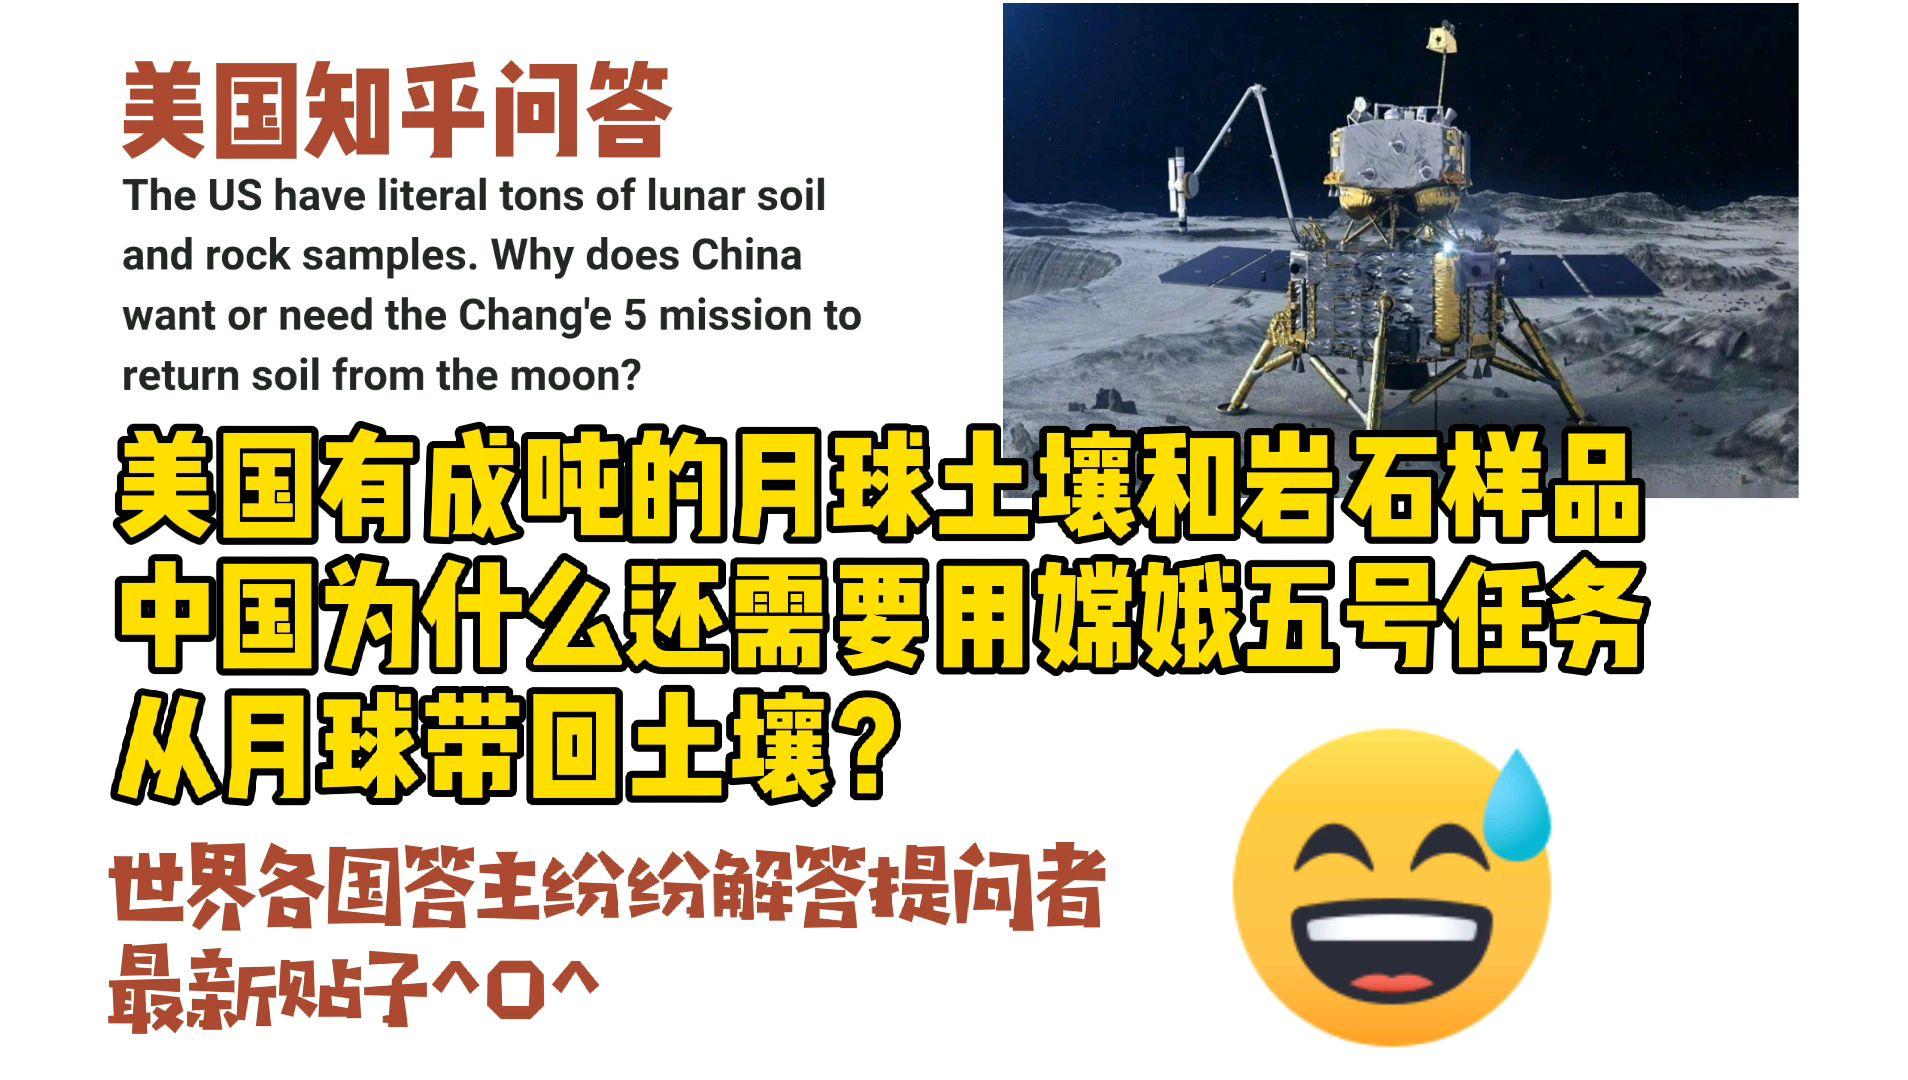 美国知乎,美国有成吨的月球土壤和岩石样品,中国为什么还需要用嫦娥五号任务从月球带回土壤最新帖子^O^